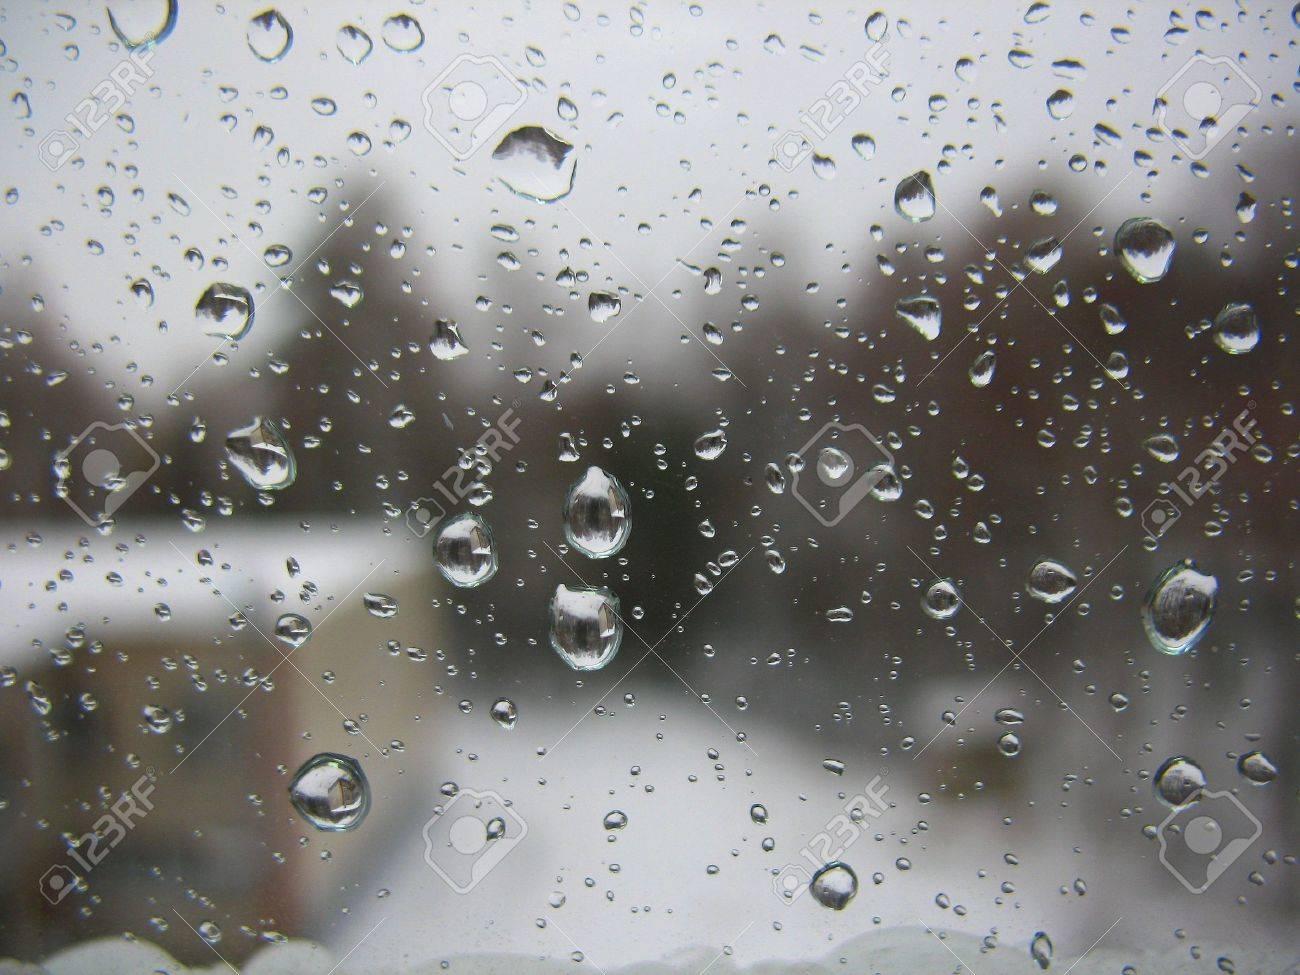 Det Finns Fönster Glas Och Regndroppar Royalty-Fria Stockfoton ... : fönsterglas : Fönster